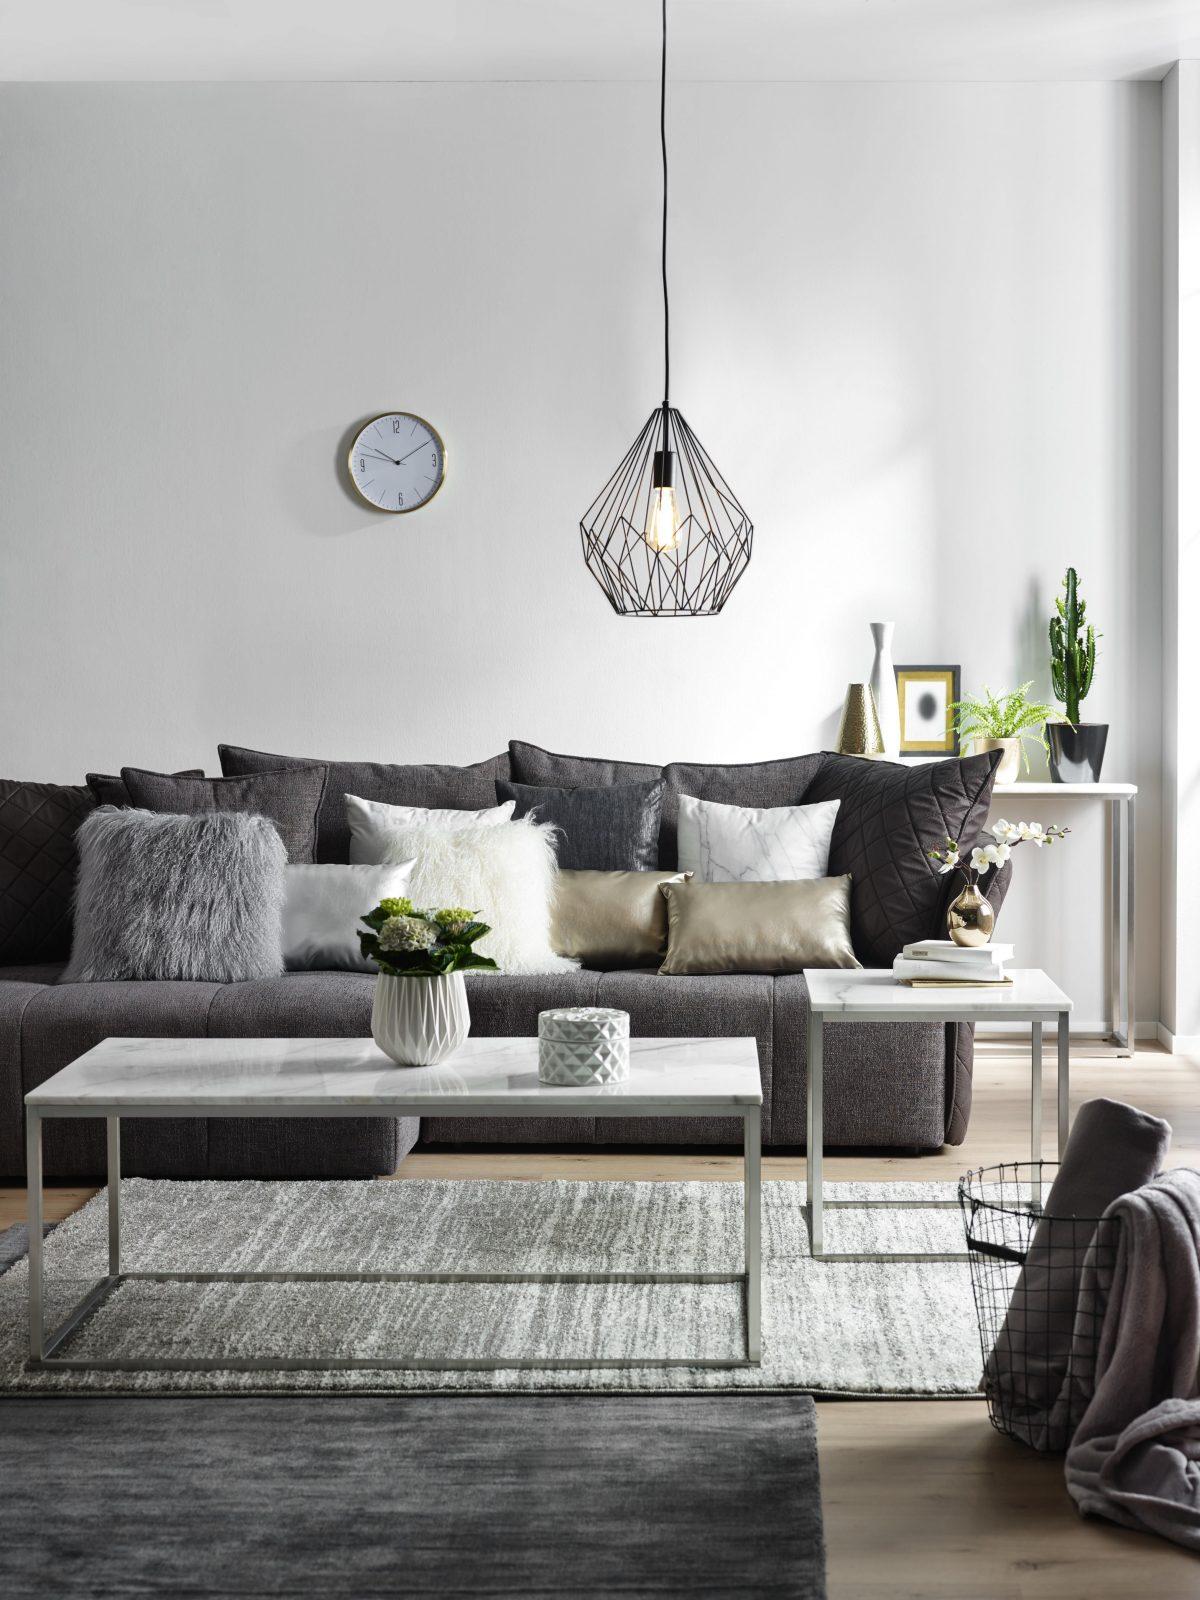 Anthrazit Grau Oder Silber Verleihen Dem Raum Nordischen Charme Und von Anthrazit Couch Wohnzimmer Farbe Photo